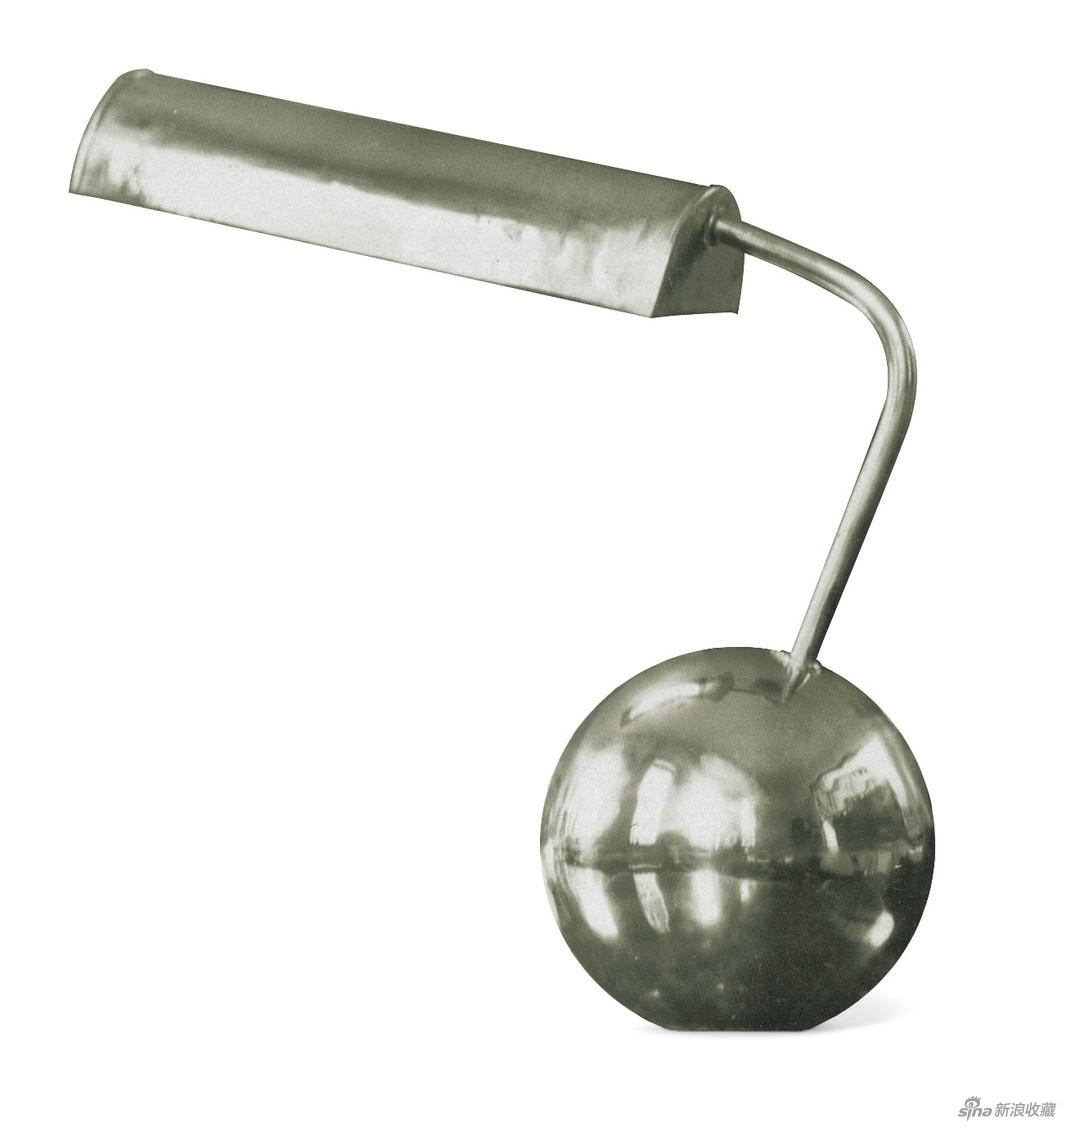 张光宇设计台灯 《近代工艺美术》 1932年